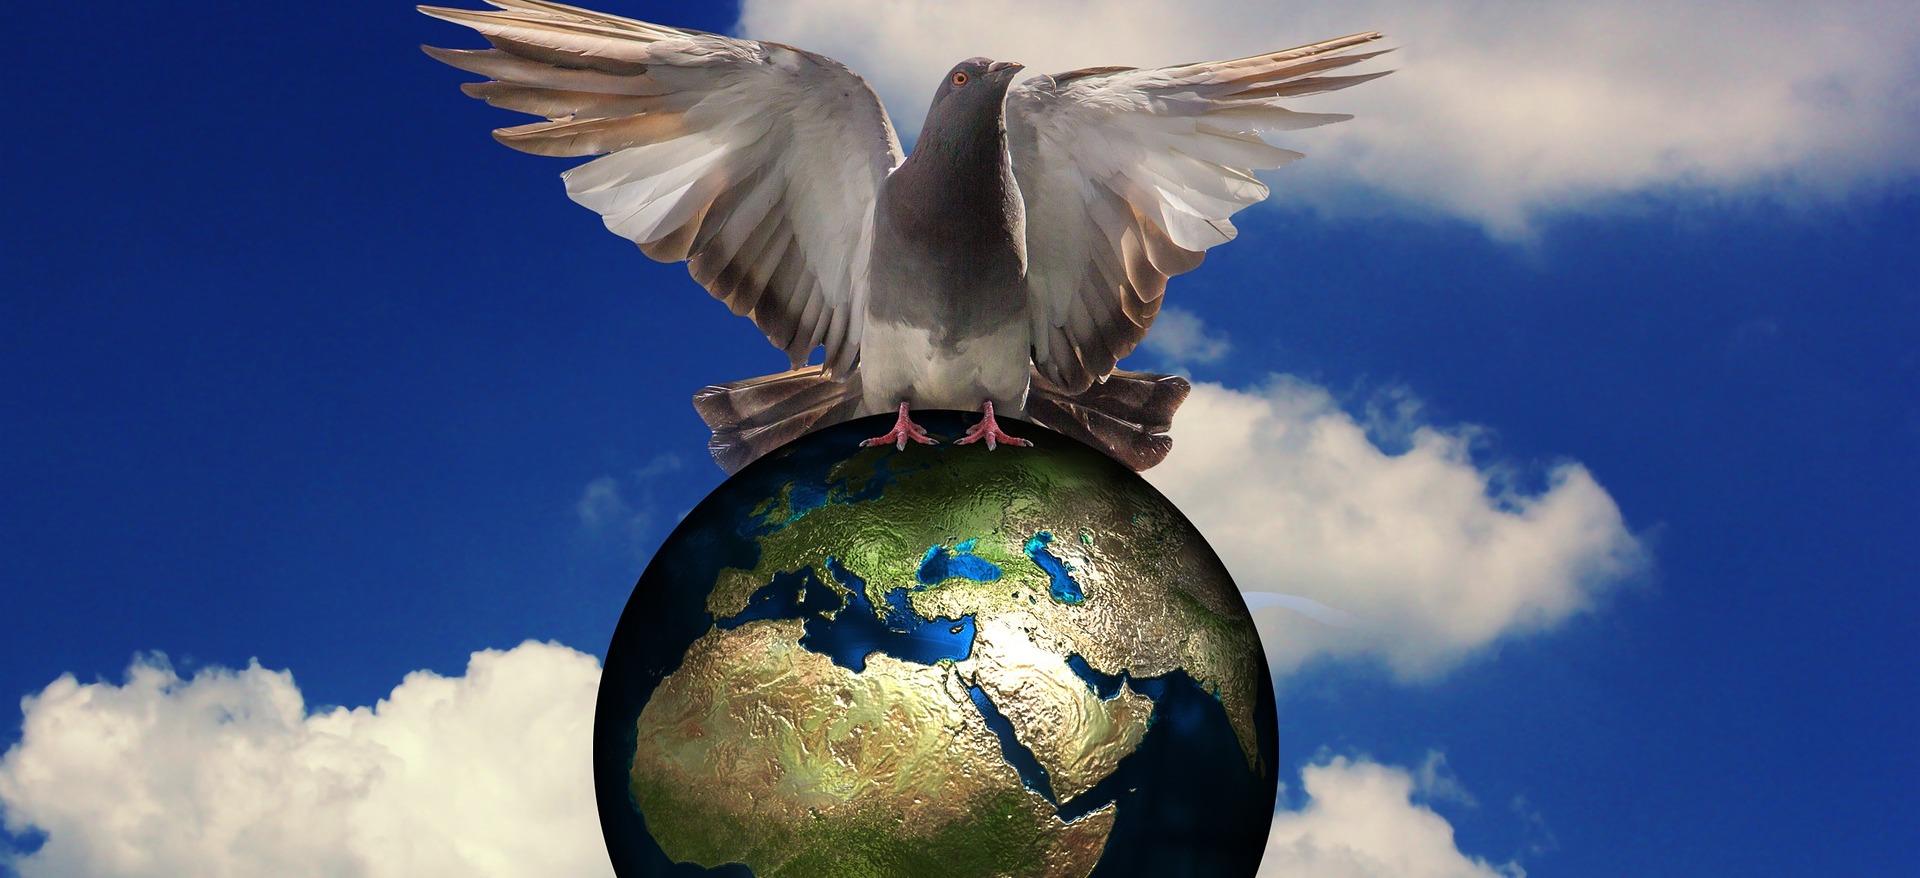 Peaceful earth